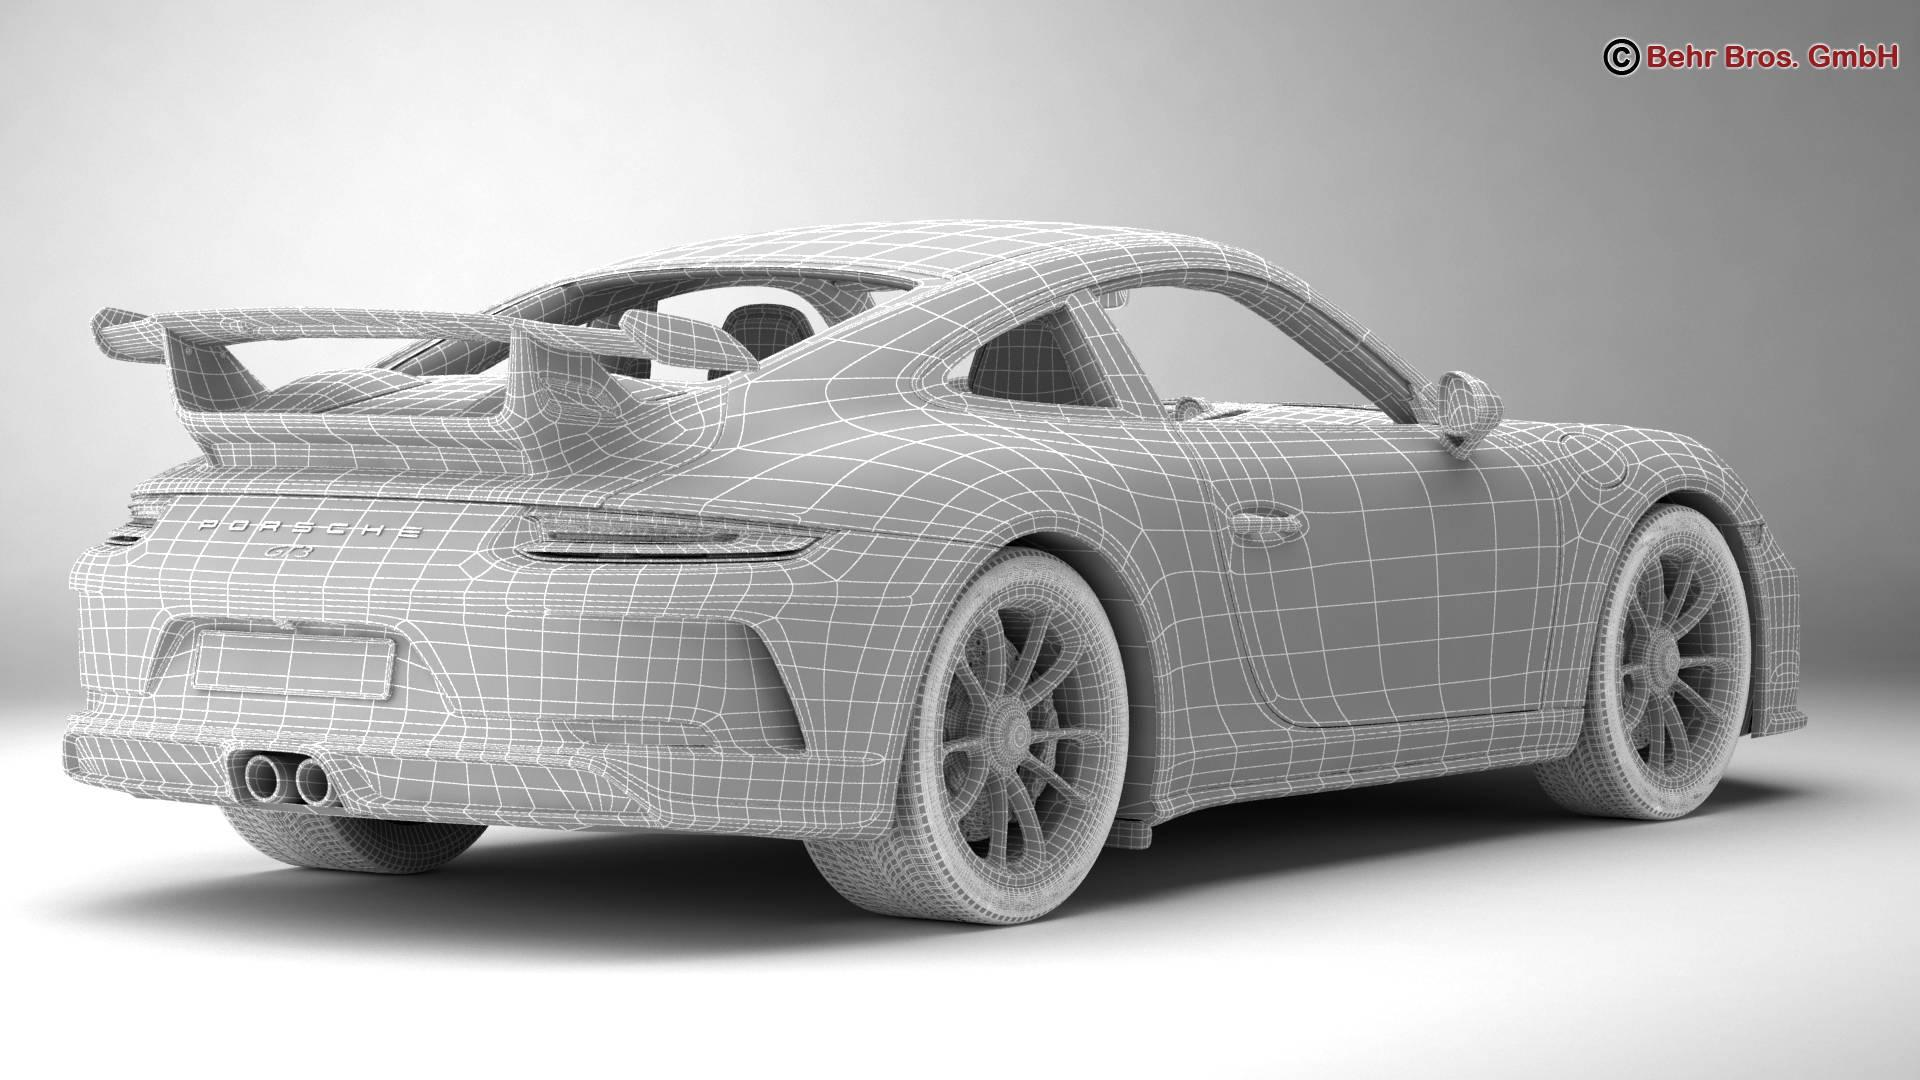 porsche 911 gt3 2018 3d model 3ds max fbx c4d lwo ma mb obj 265914